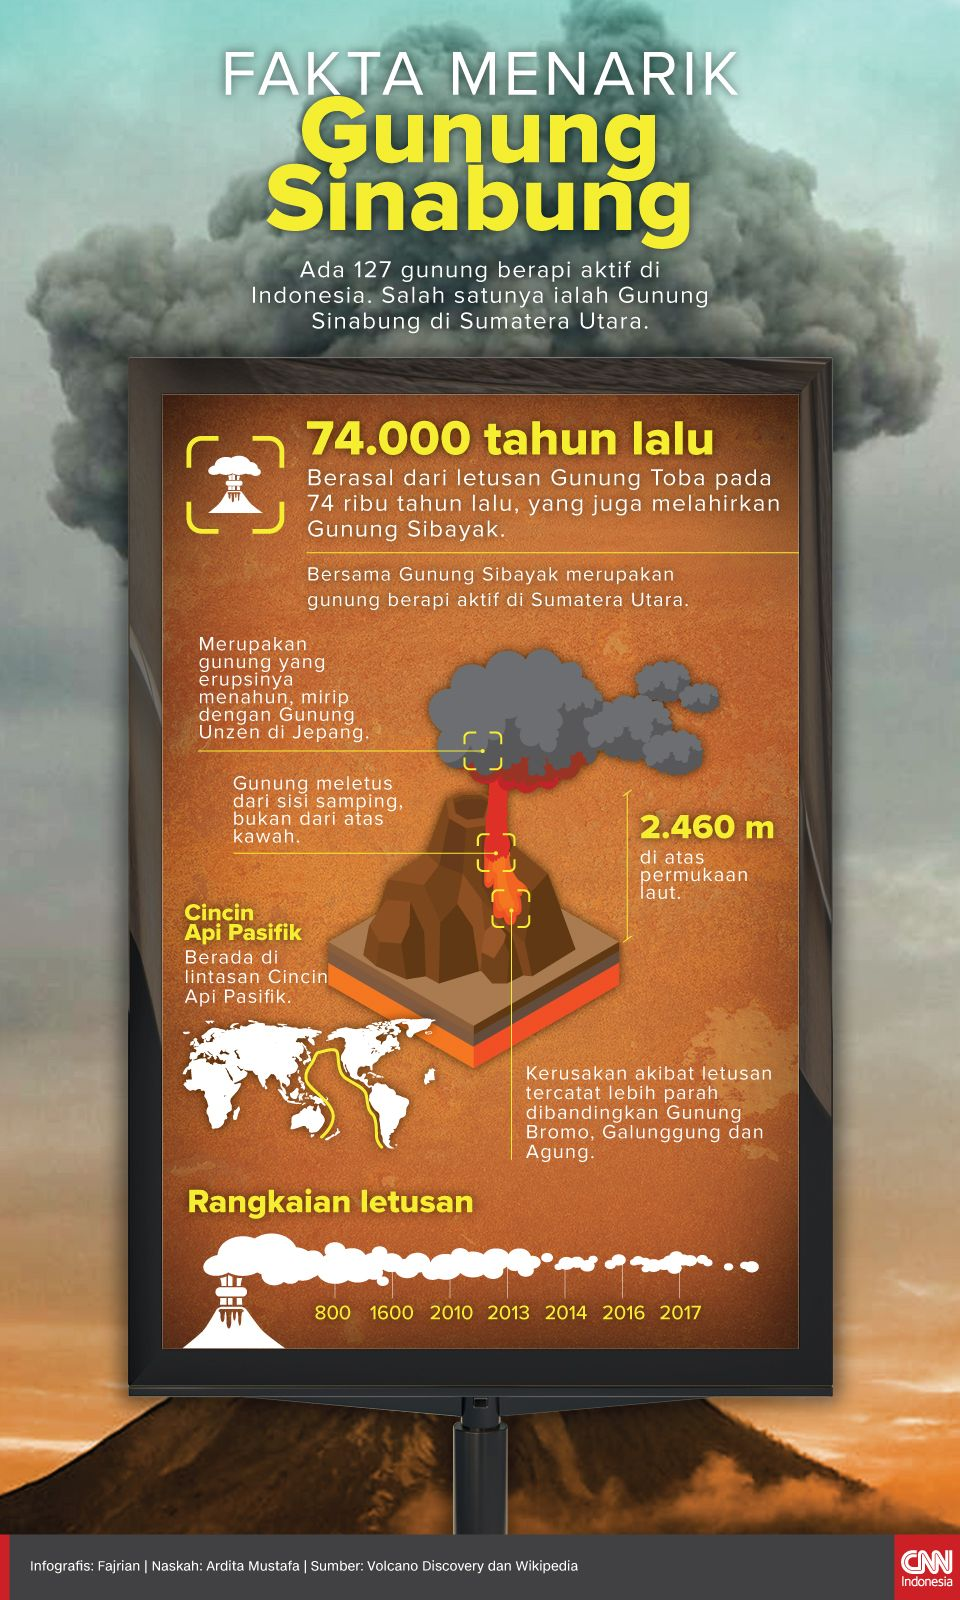 Infografis Fakta Menarik Gunung Sinabung